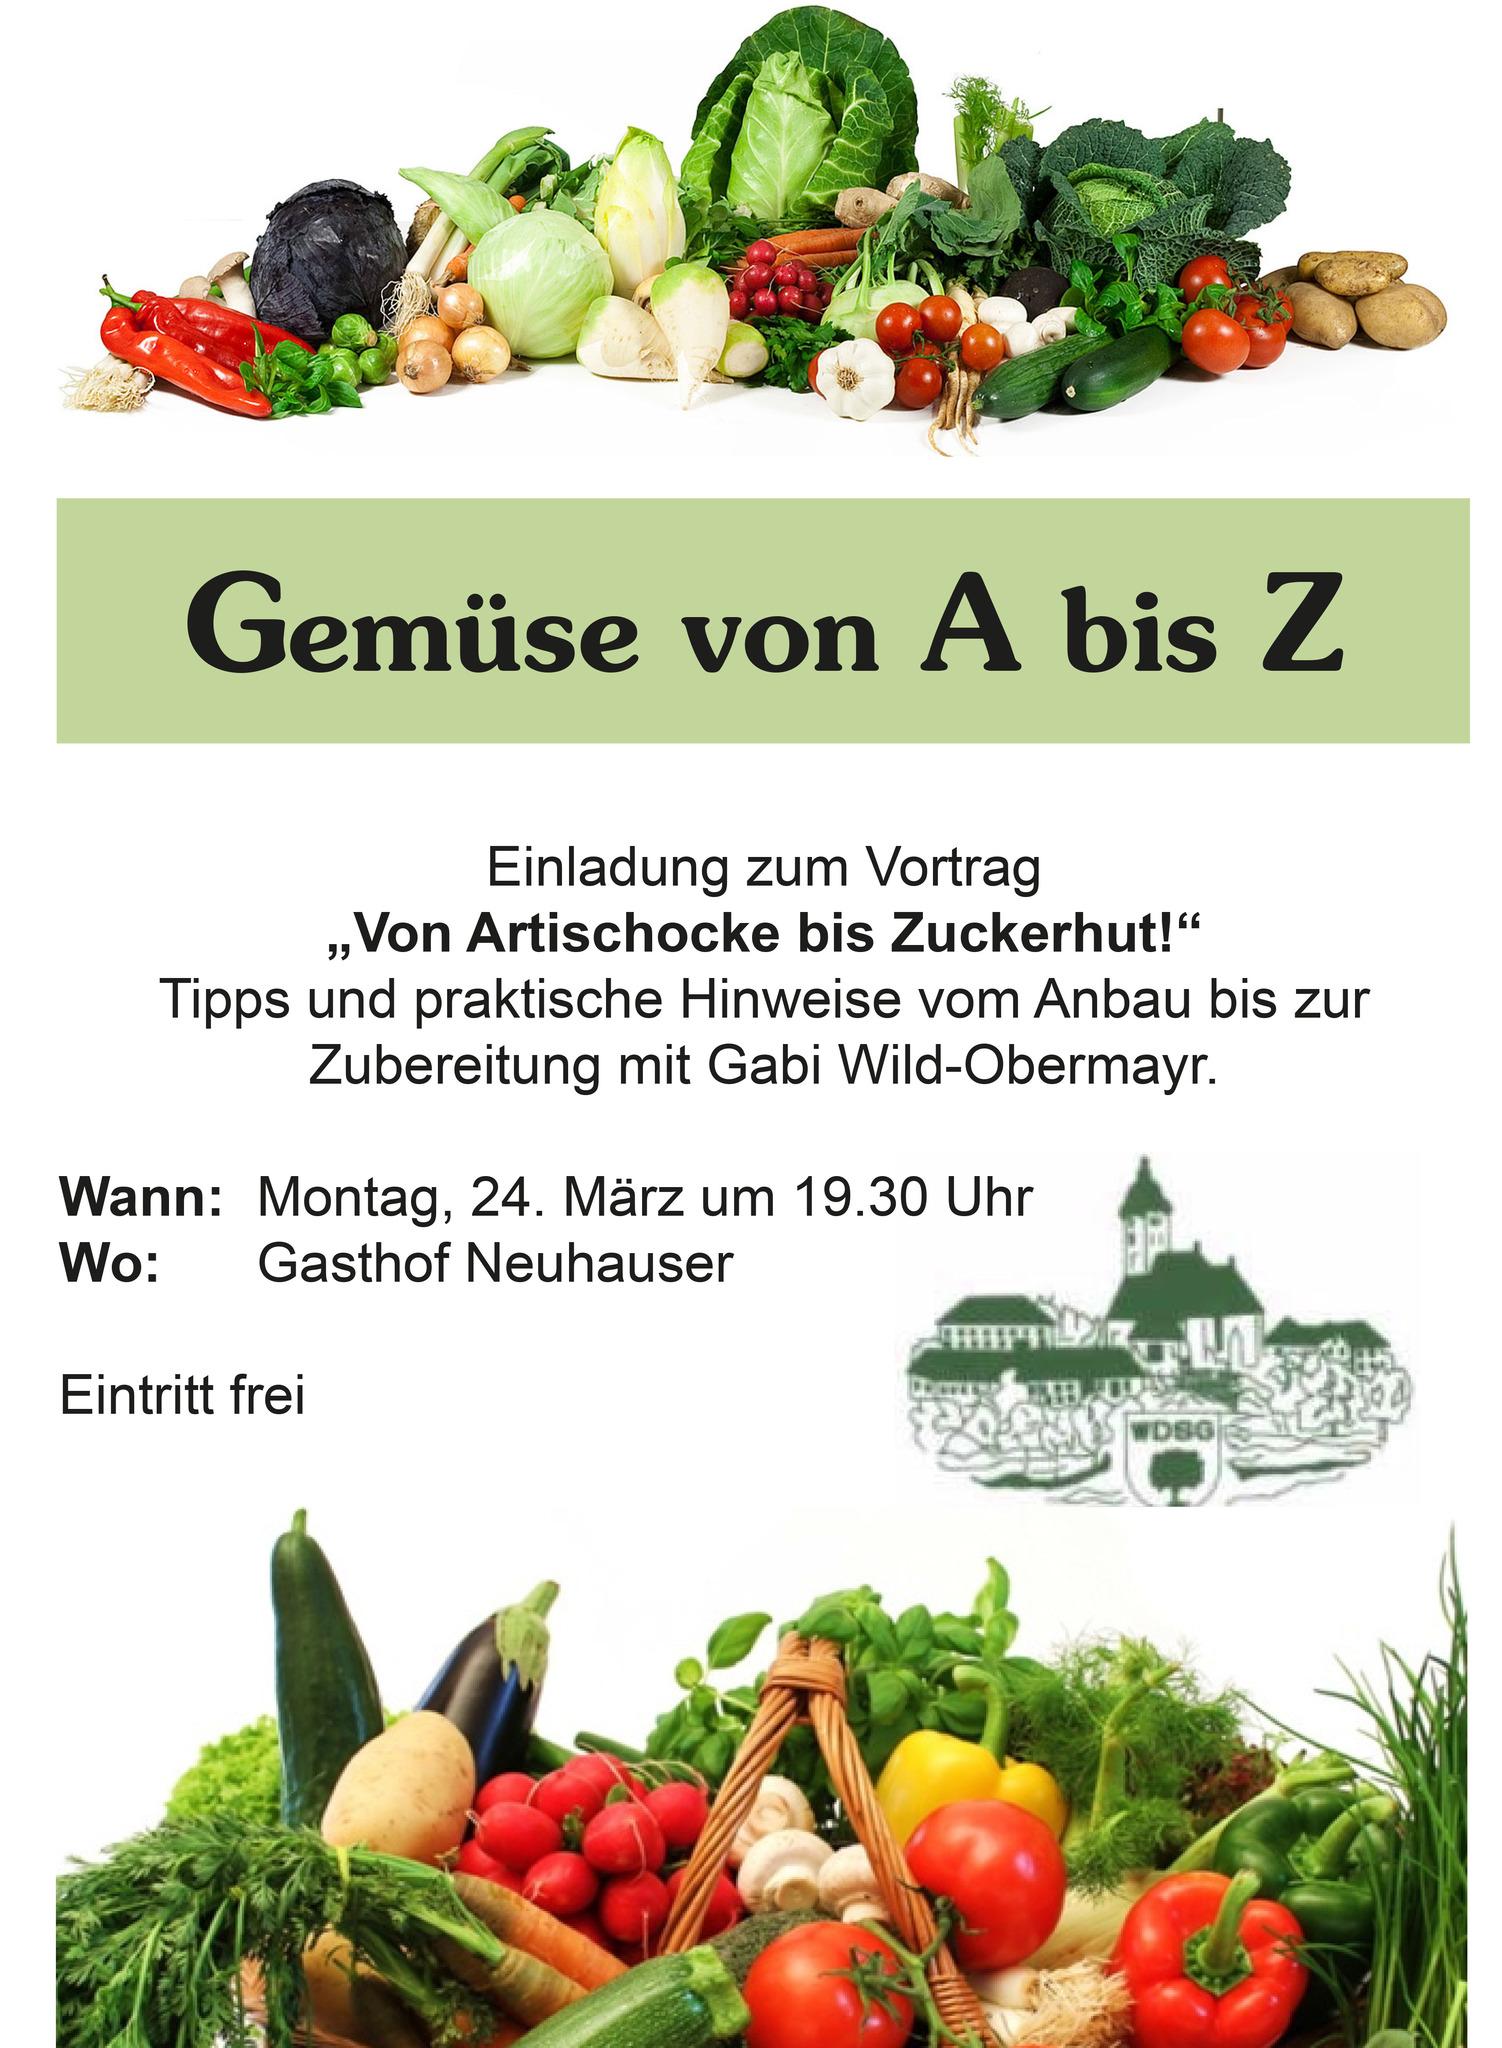 Super Gemüse von A bis Z - Kirchdorf #JJ_14